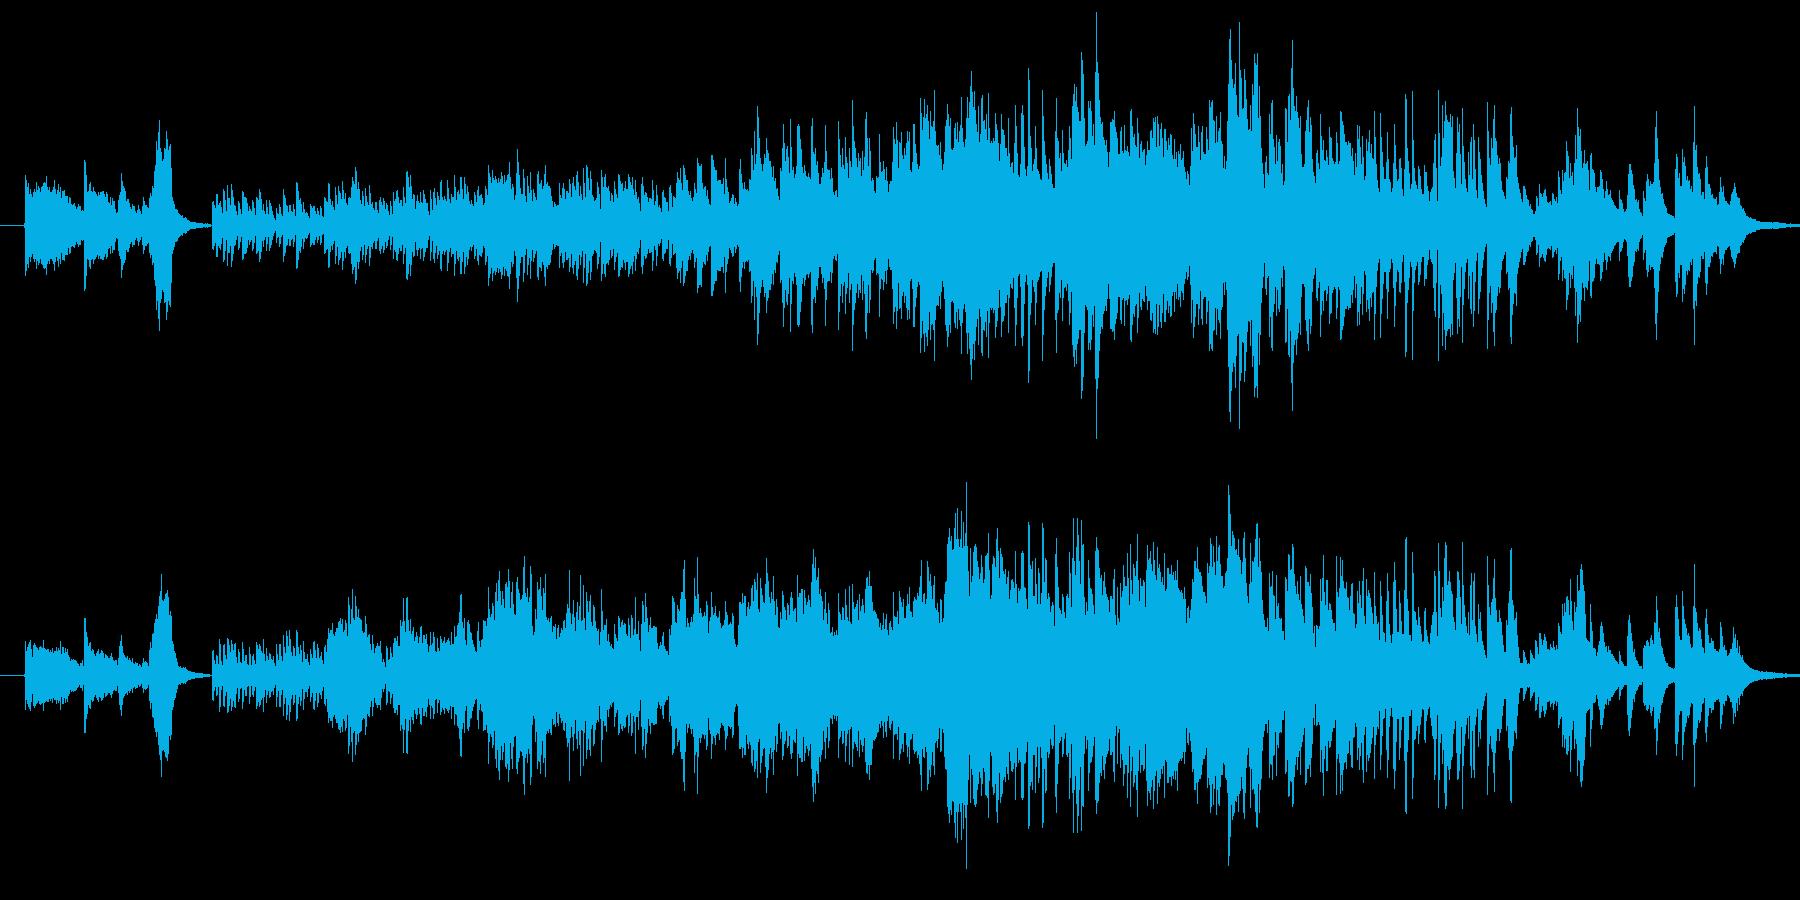 しっとりとした優しい音楽の再生済みの波形